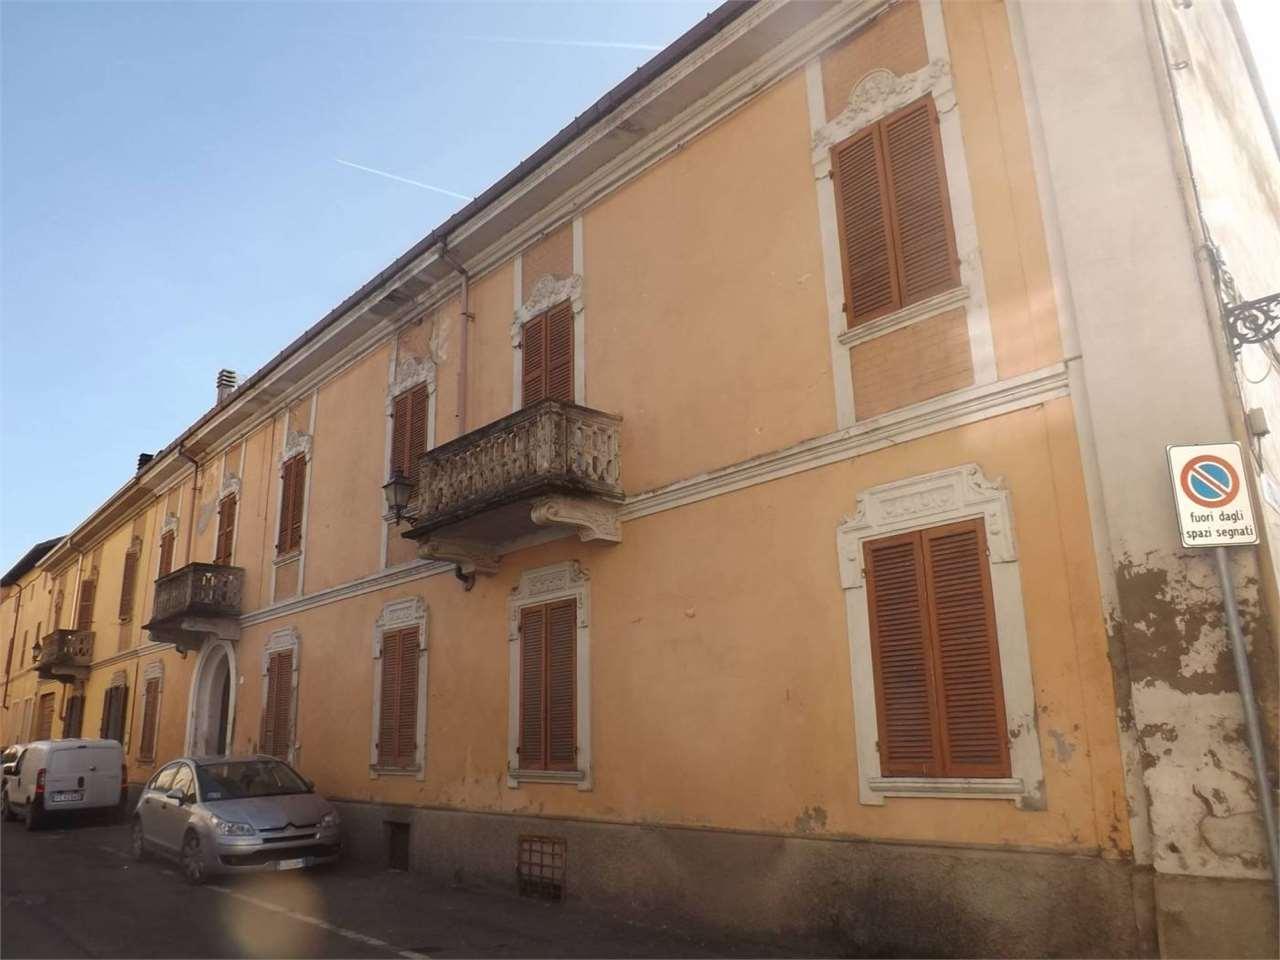 Villa in vendita a Bassignana, 5 locali, prezzo € 45.000 | PortaleAgenzieImmobiliari.it